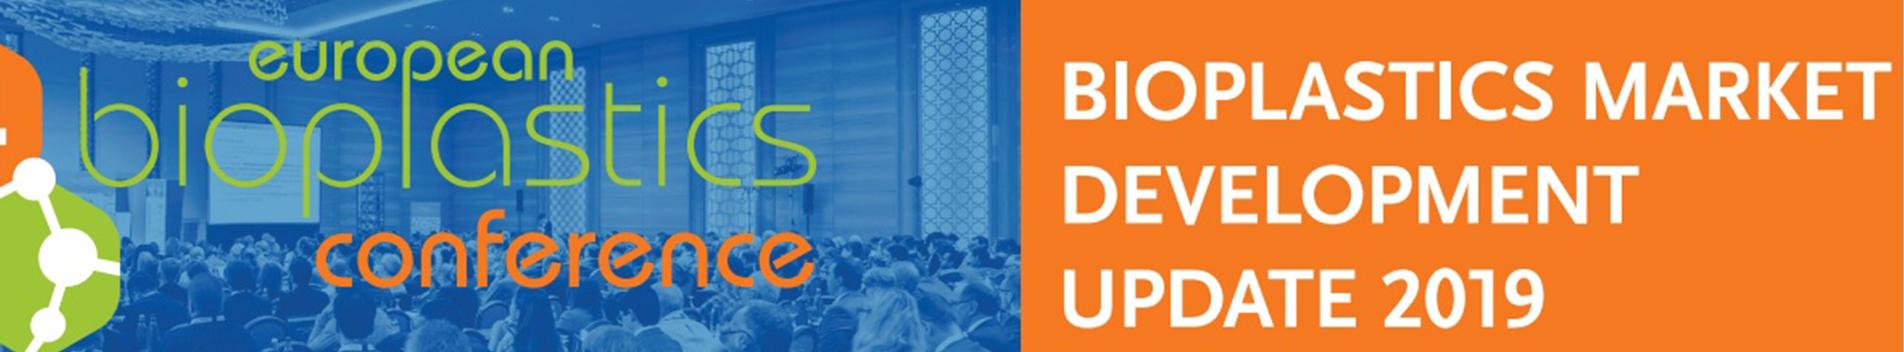 European Bioplastics publica su informe anual sobre el mercado y la industria de los bioplásticos